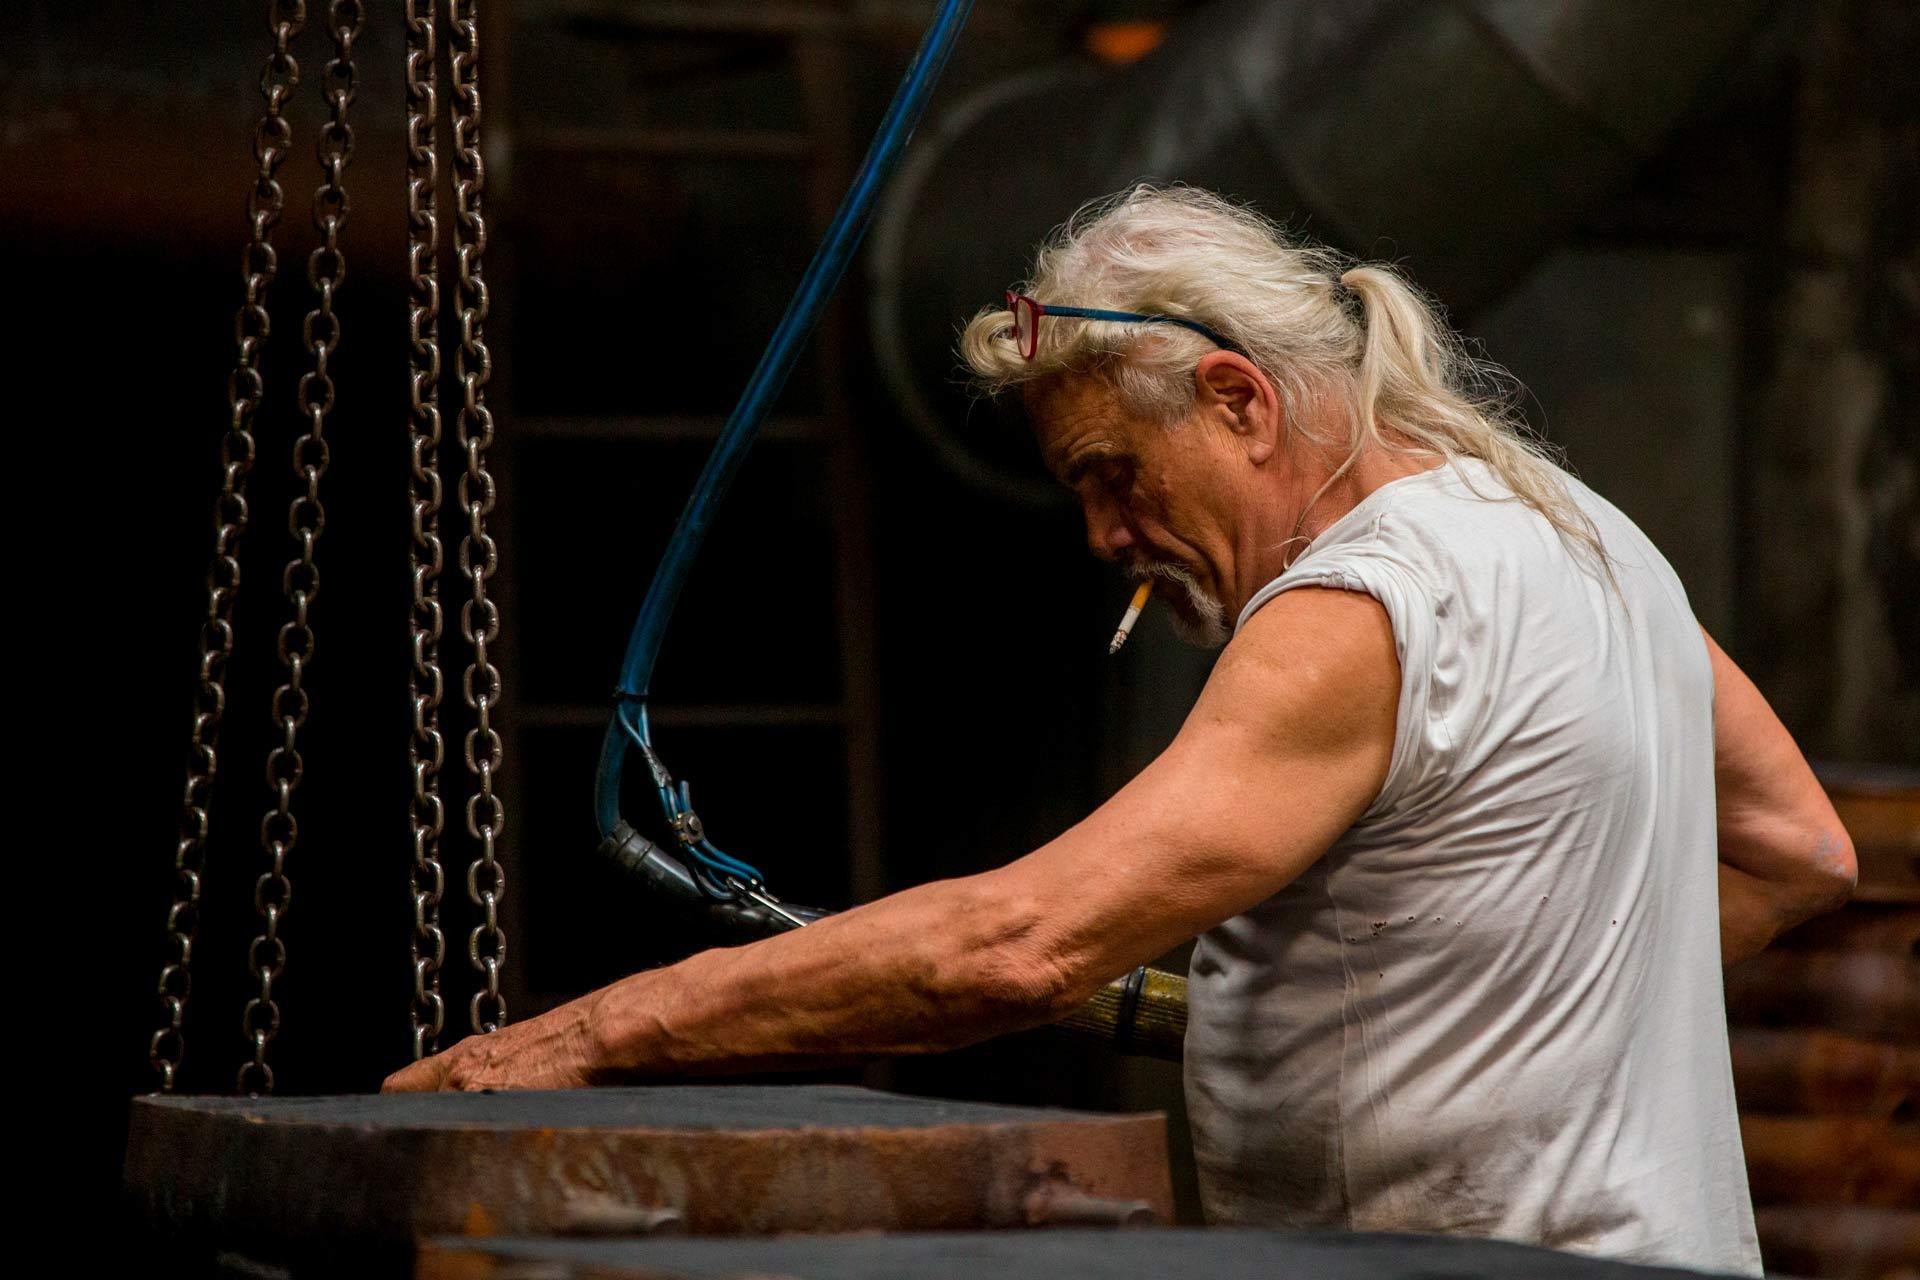 La realizzazione di oggetti in ghisa avviene mediante la tecnica di fusione in conchiglia.